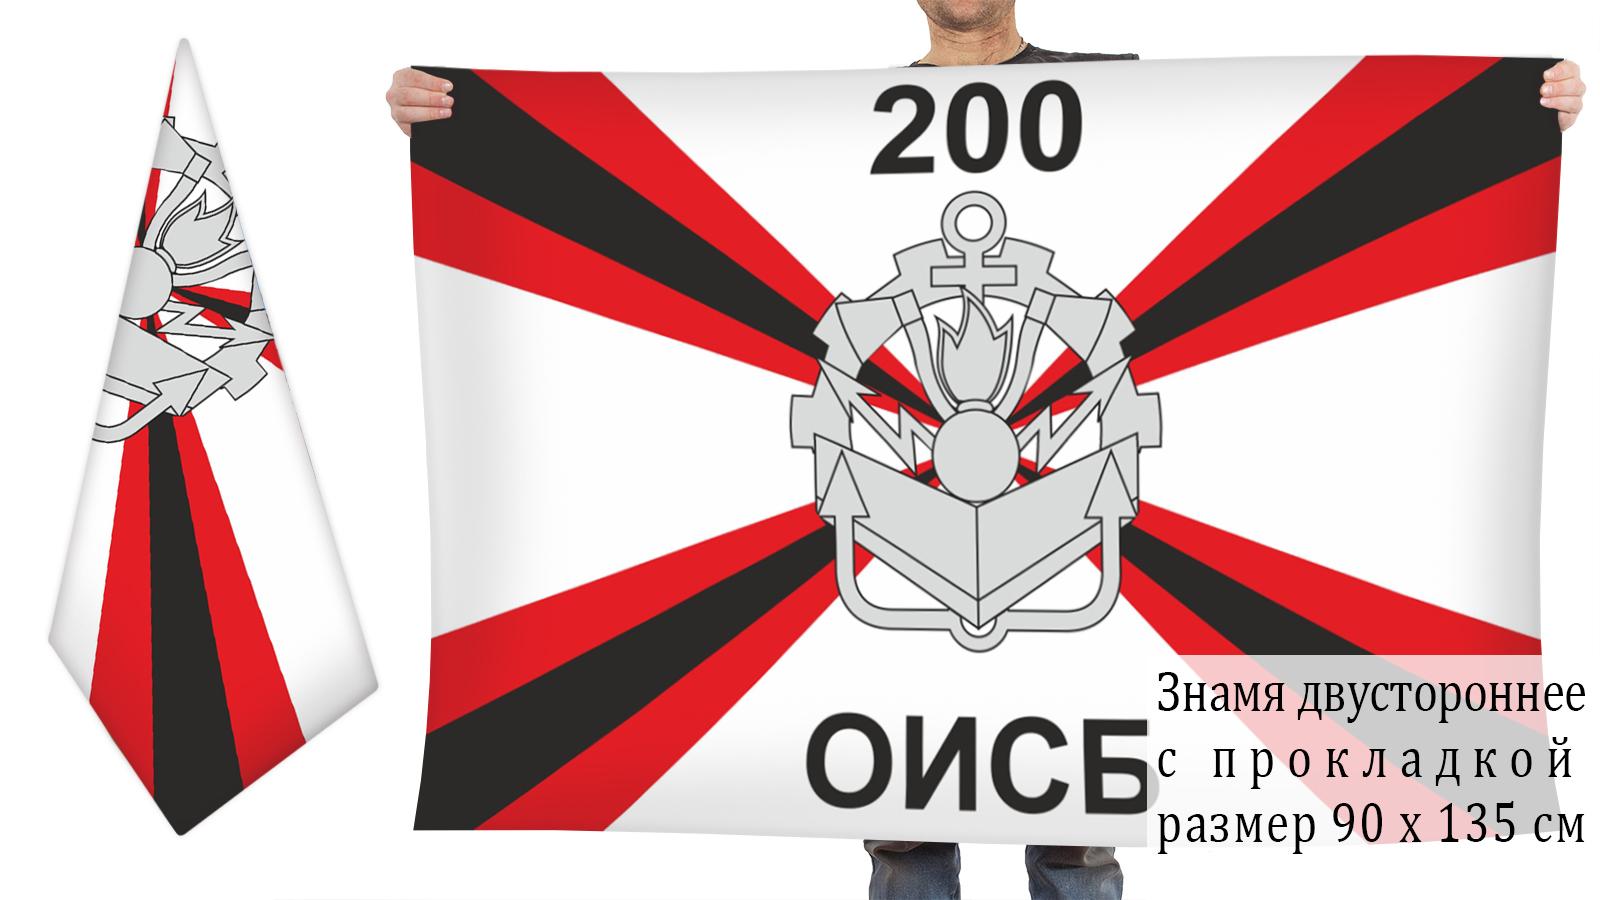 Купить флаг инженерных войск 200 ОИСБ